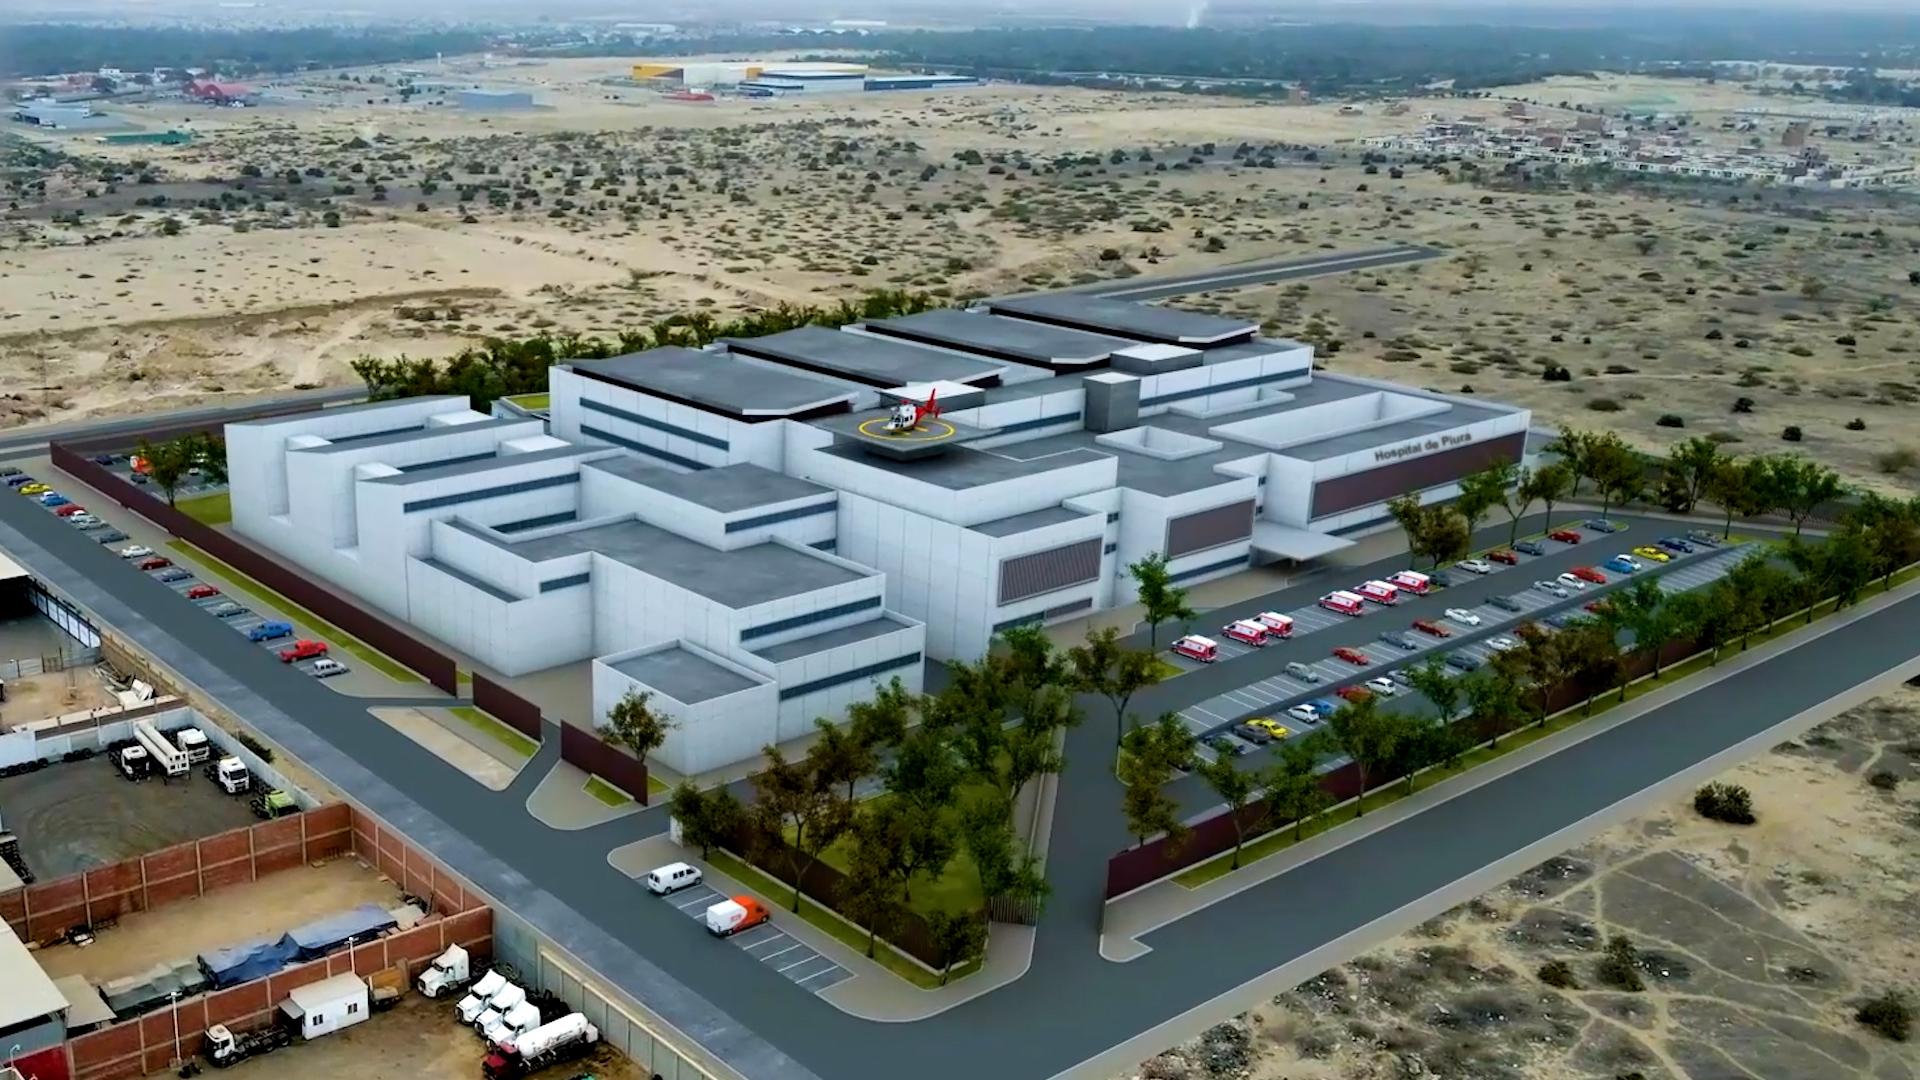 Essalud - Más de un millón de asegurados se beneficiarán con proyectos hospitalarios en Piura y Chimbote